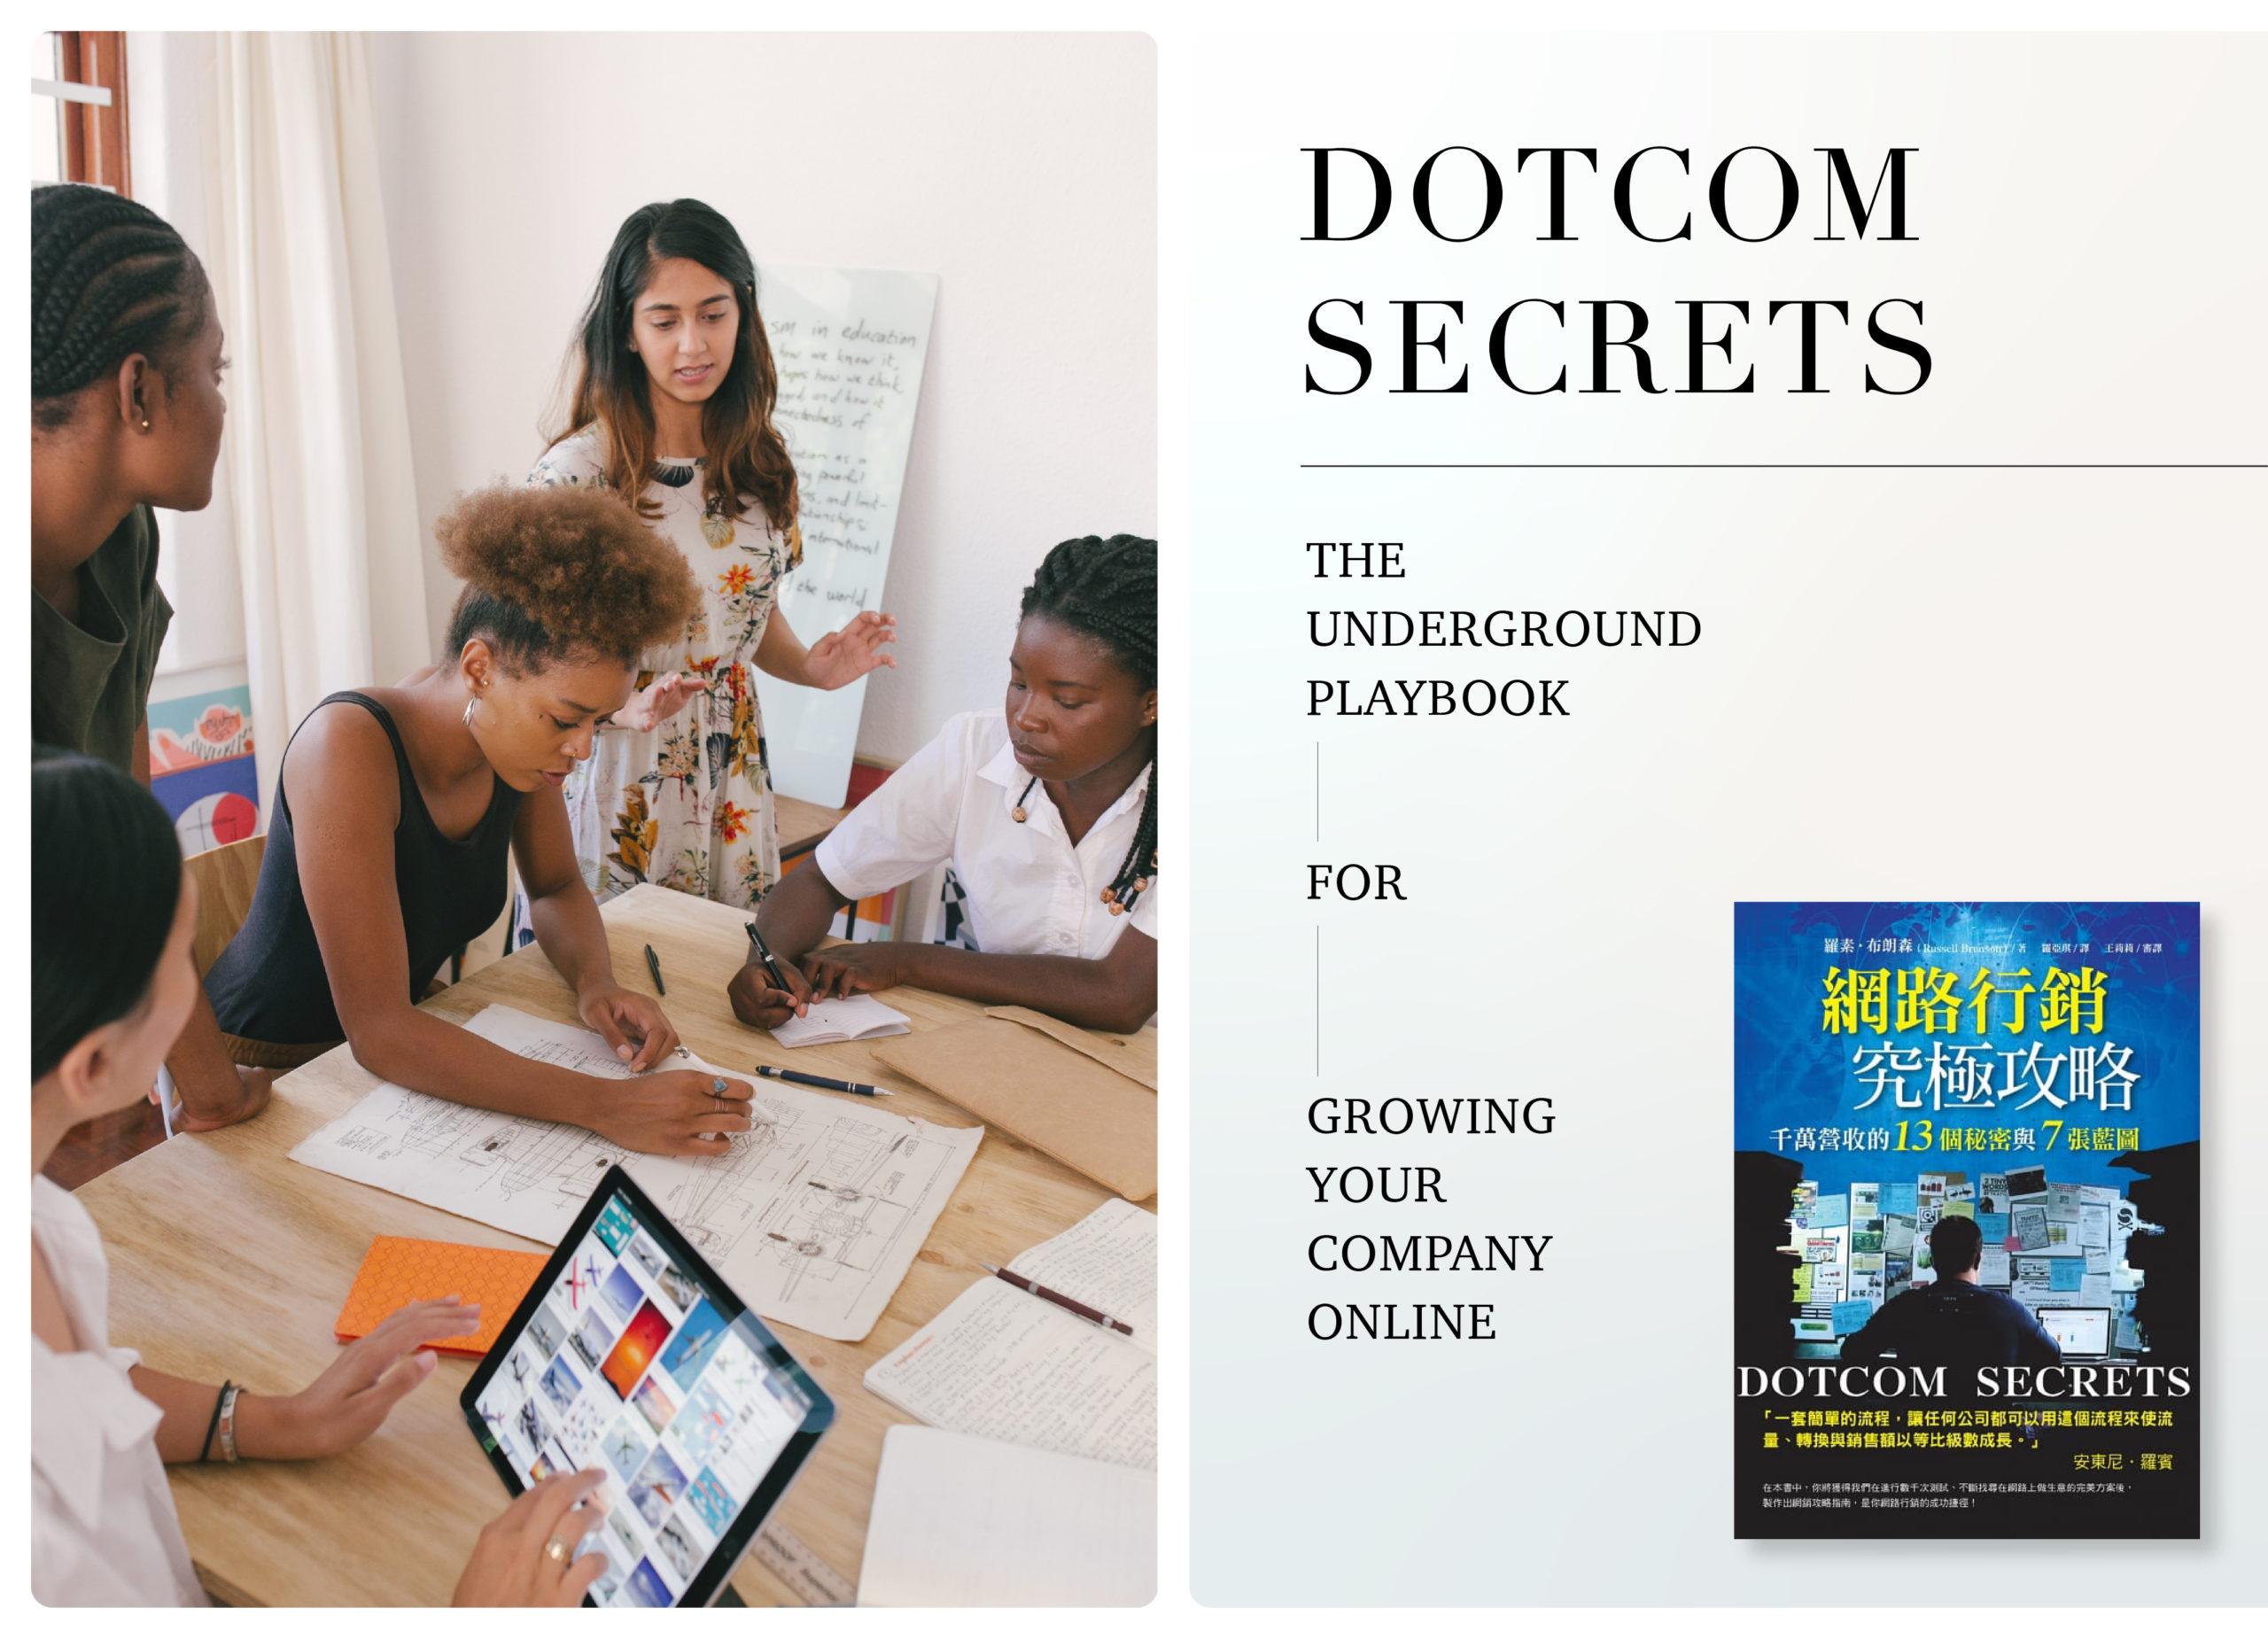 【菠蘿級好書】新創品牌、自媒體聖經|網路行銷究極攻略:千萬營收的13個秘密與7張藍圖